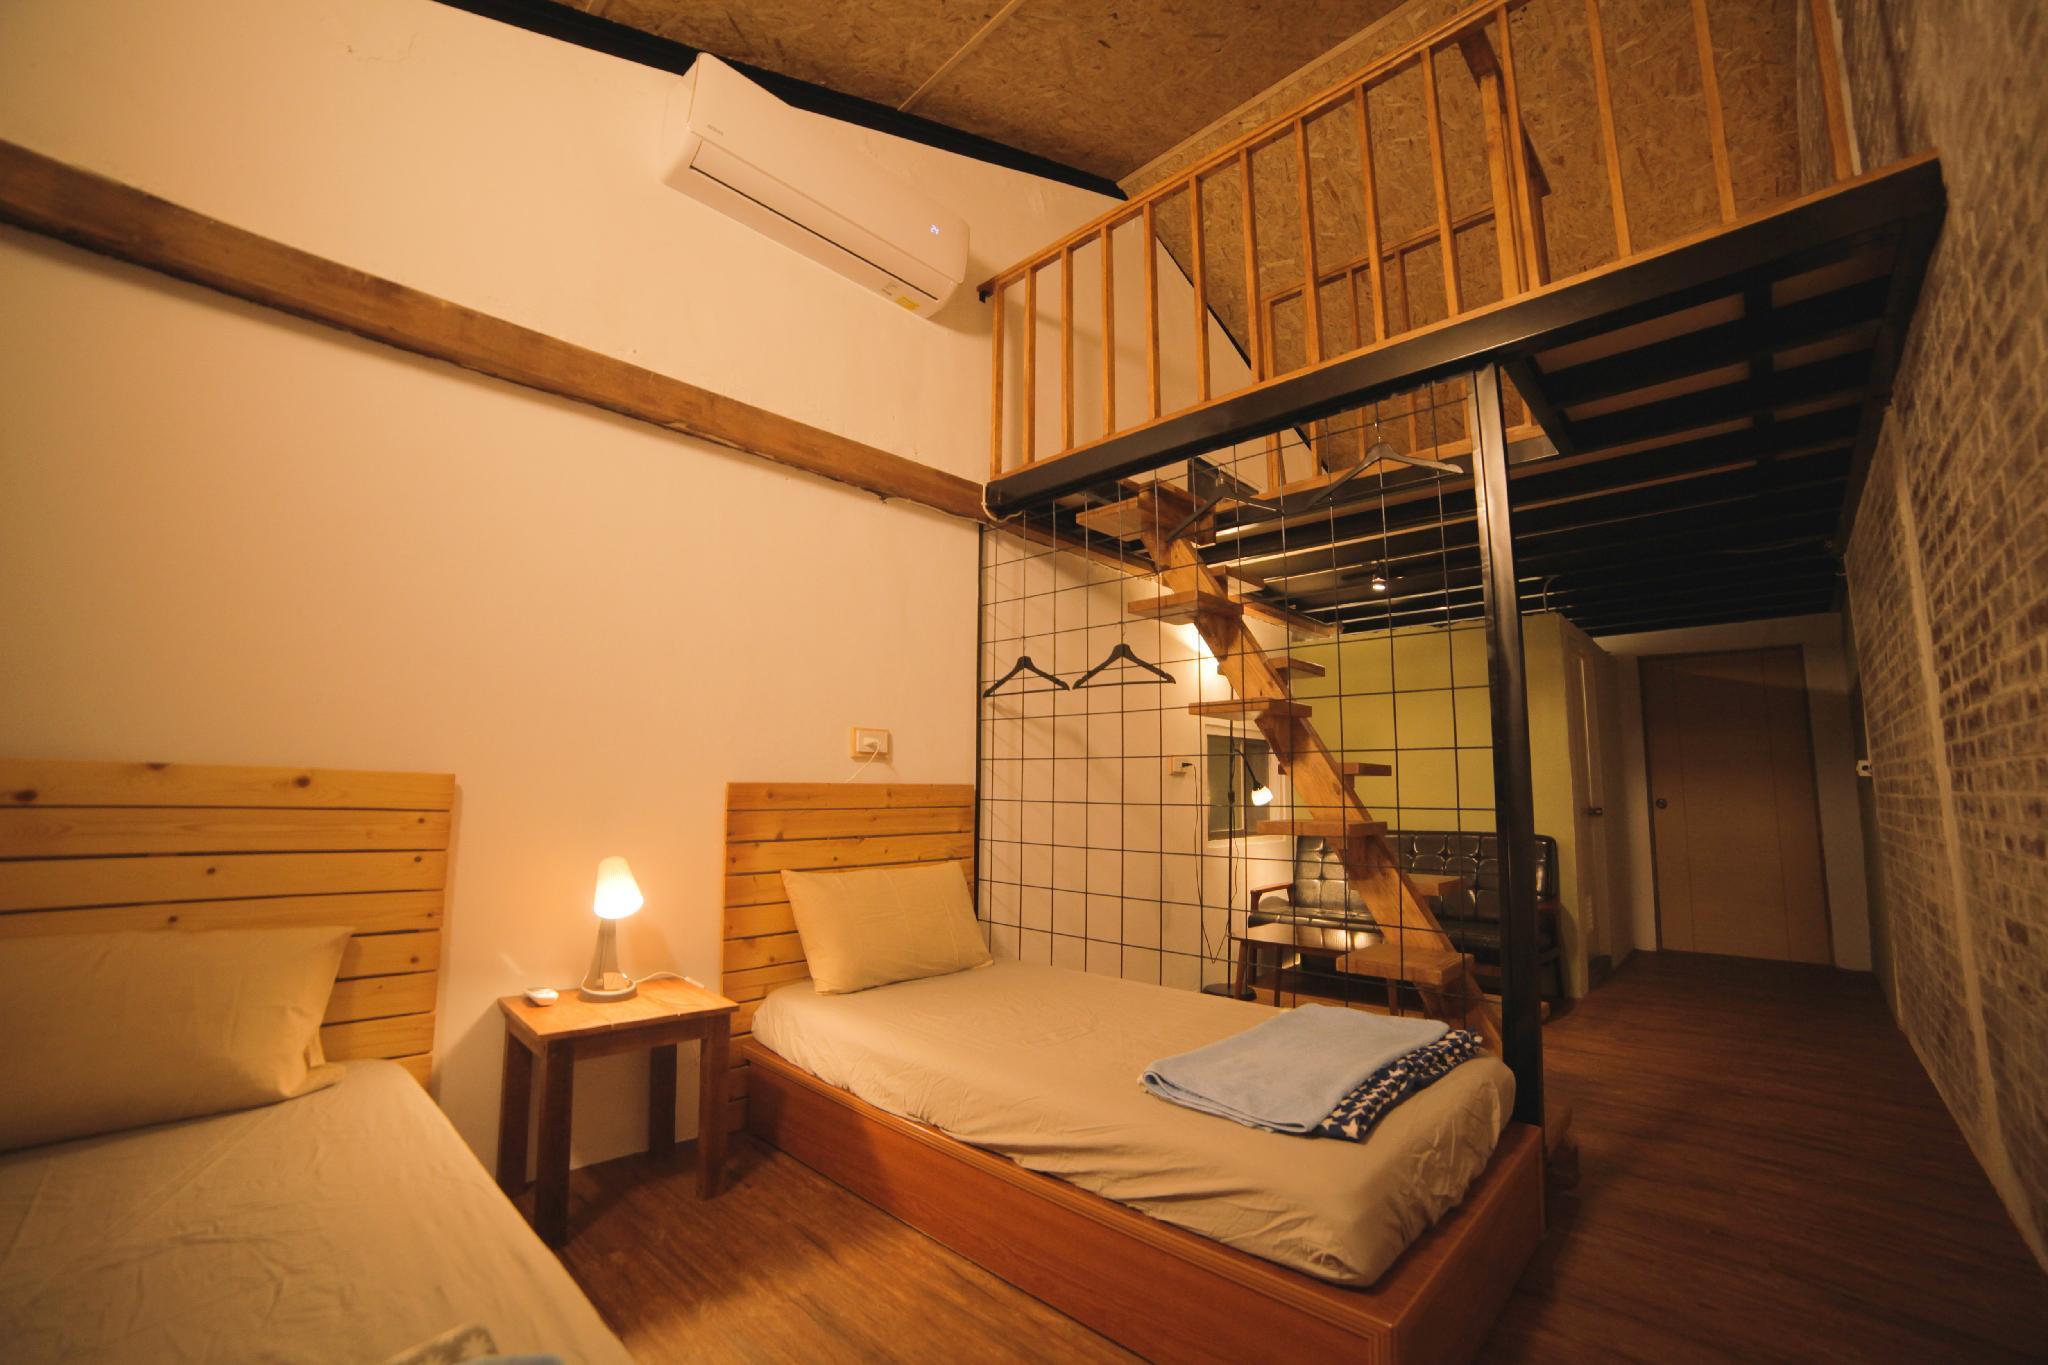 Jinzun Surf House - Loft Suite B